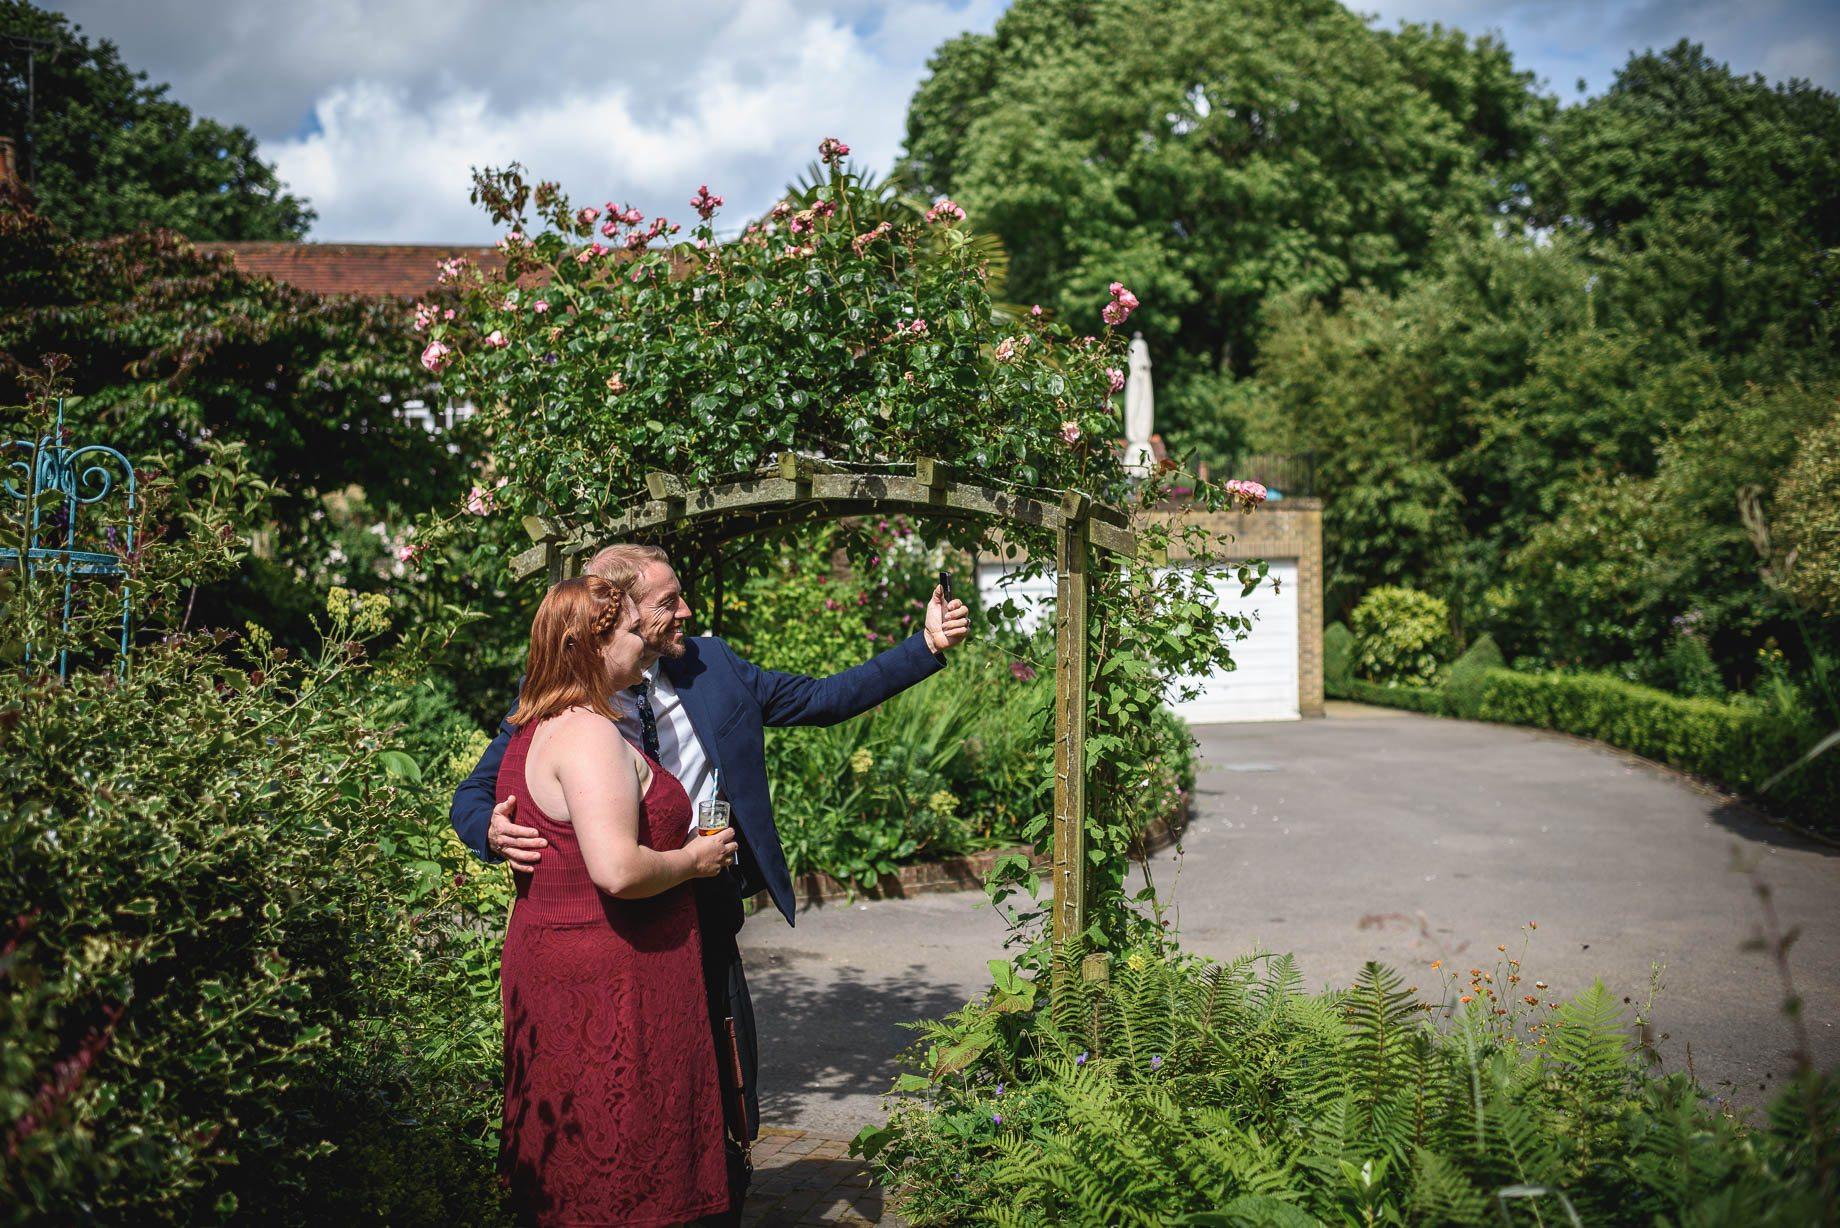 Bartholomew Barns wedding photography - Louise and Spencer (83 of 151)